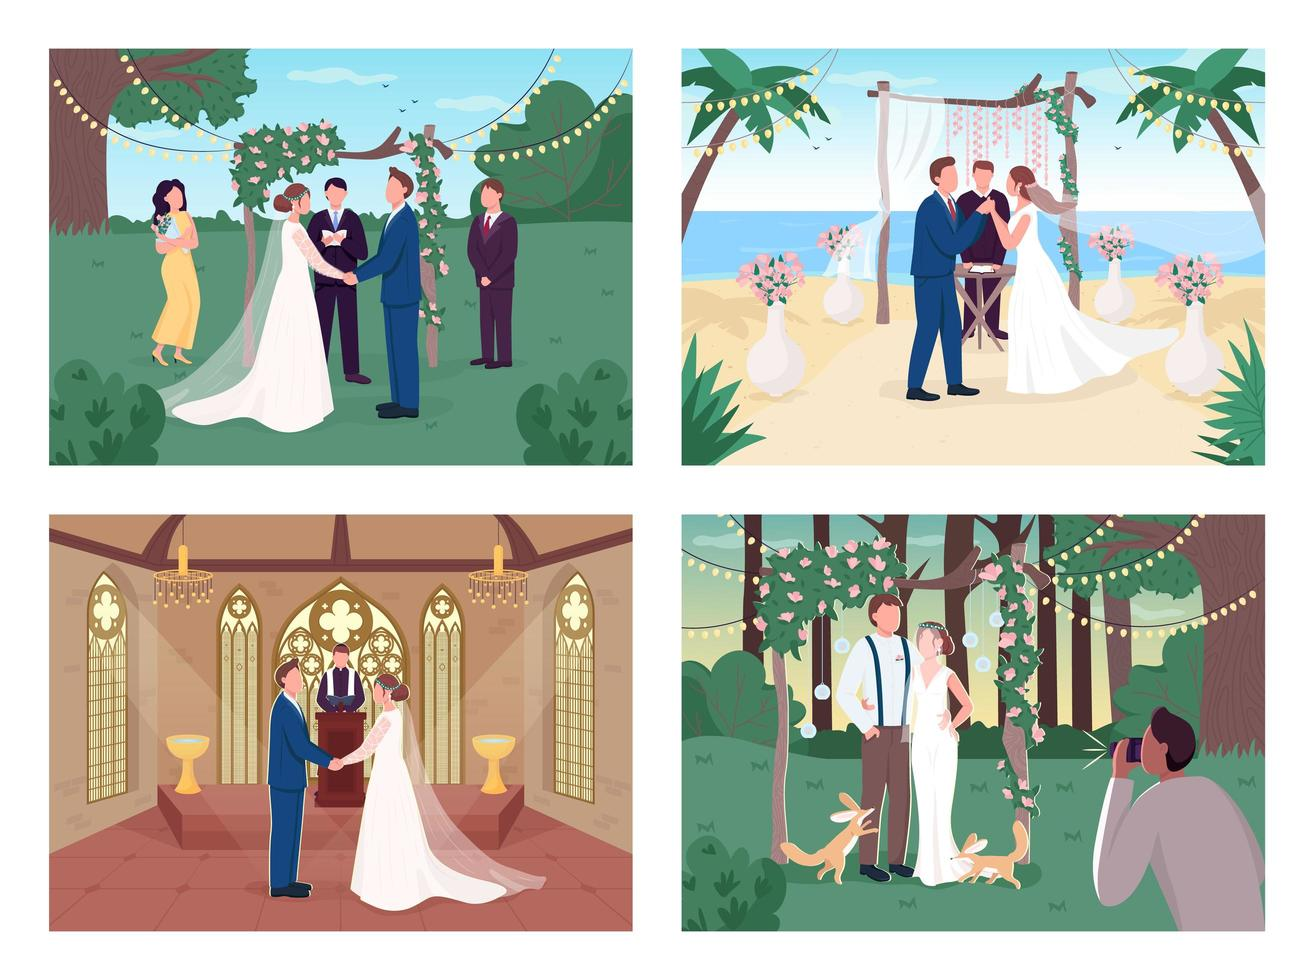 ceremonia de boda religiosa y civil vector